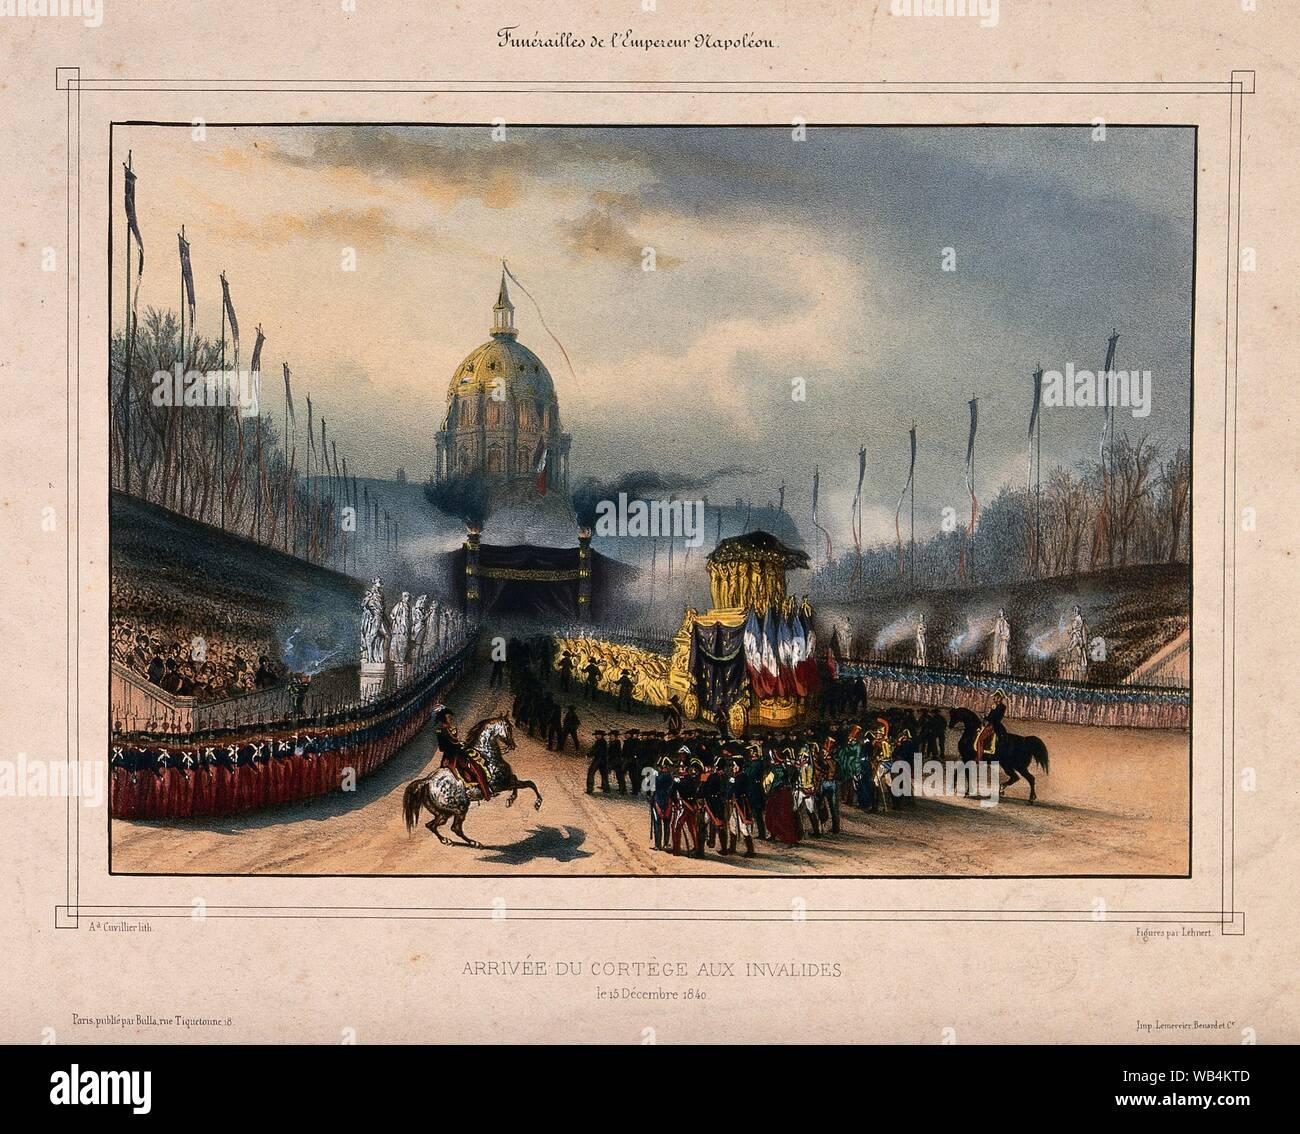 El cortejo fúnebre formado por Napoleón Bonaparte llega a las cúpulas des Invalides en París en 1840. Litografía de color .jpg - WB4KTD Foto de stock